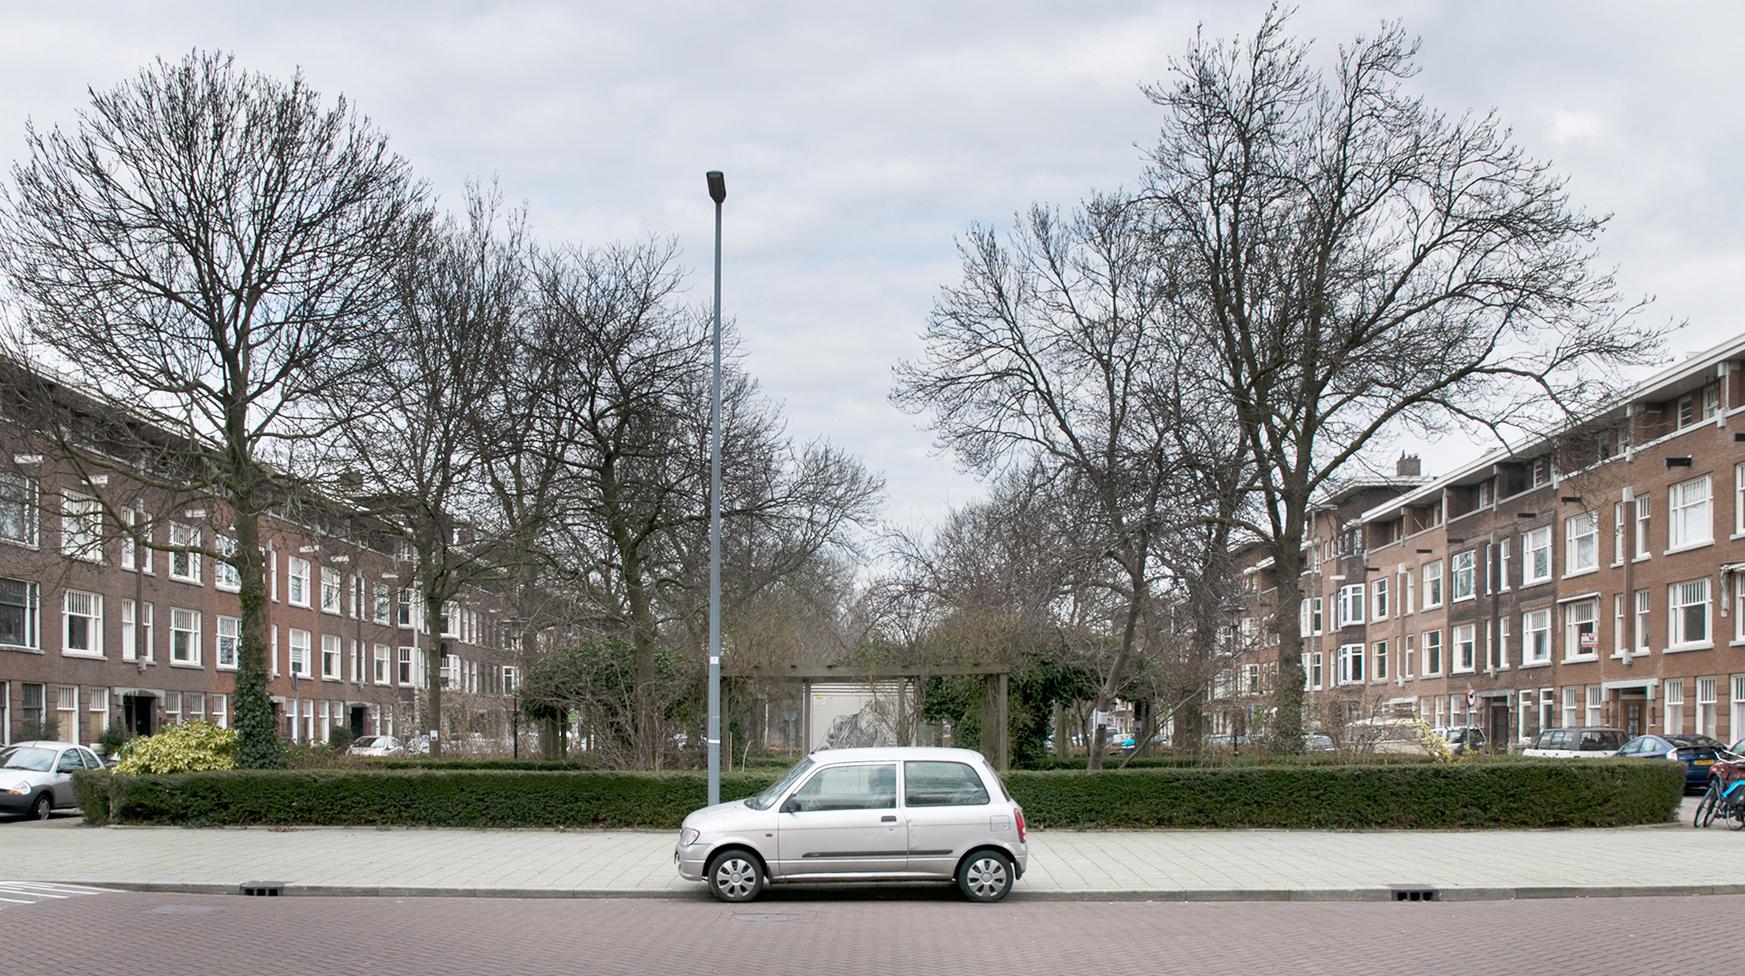 De Savornin Lohmanlaan, officiële straatnaam van de gemeente Rotterdam bij beslissing van B&W sinds 19 april 1932